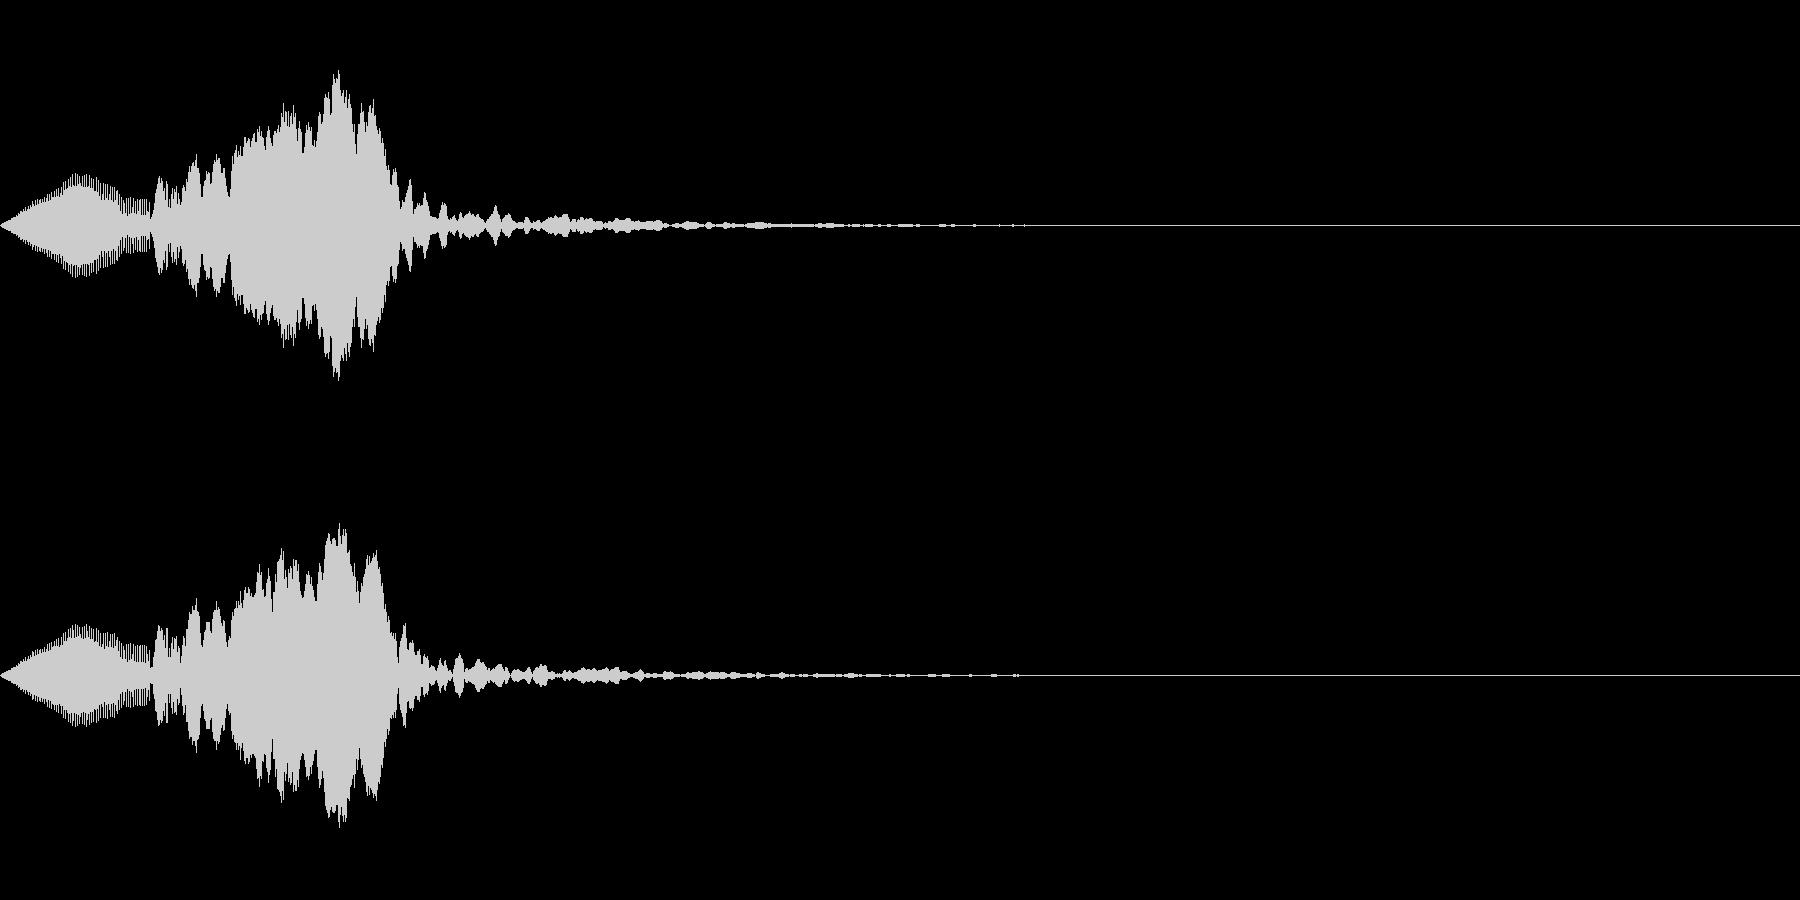 クリック、ボタン、アタック音(ぷわん)の未再生の波形